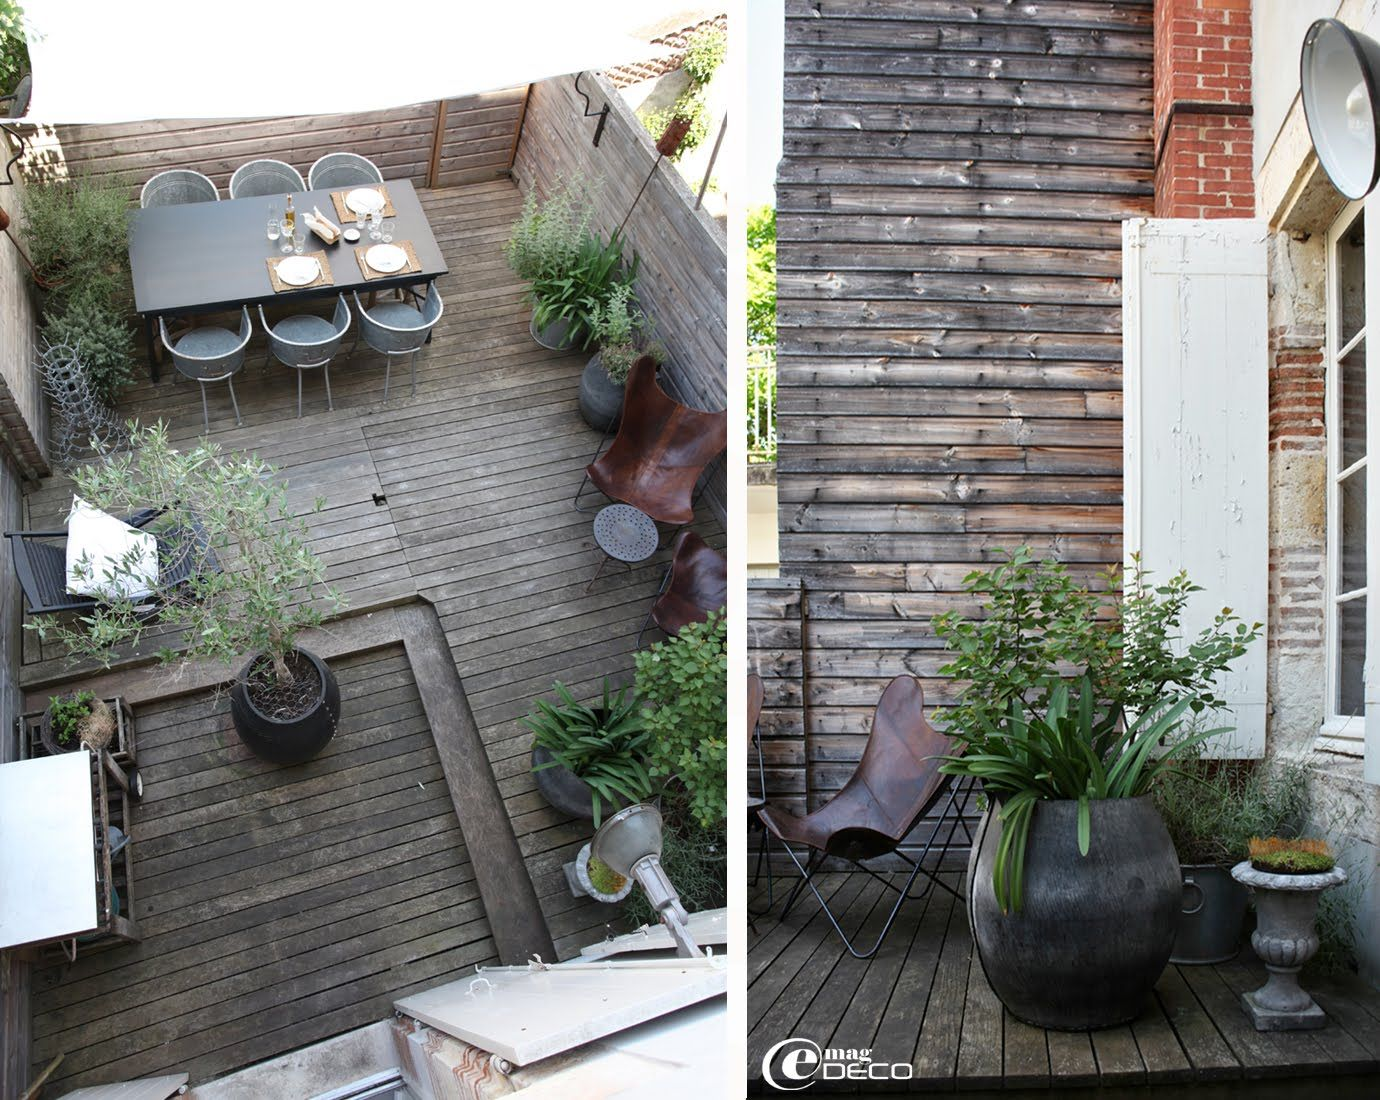 Epingle Par Sebastien Willaisme Sur Cour Et Jardin Petit Patio Idees De Patio Jardin De Ville